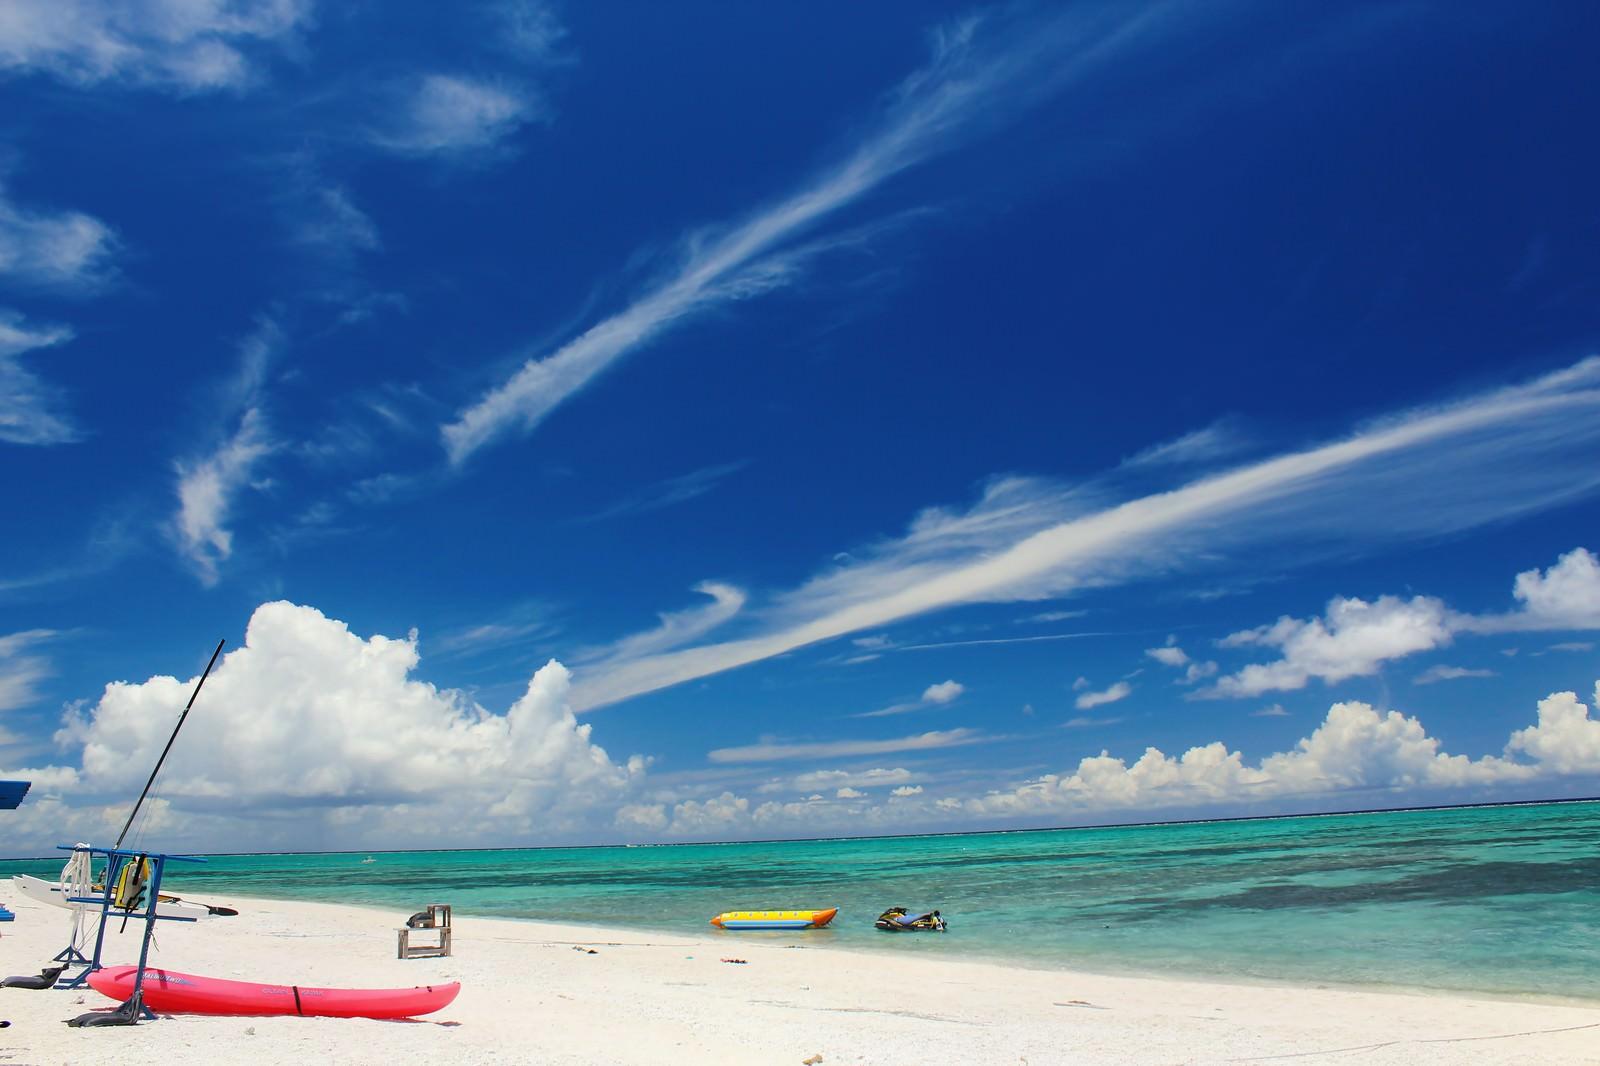 「沖縄の白い砂浜とビーチ沖縄の白い砂浜とビーチ」のフリー写真素材を拡大